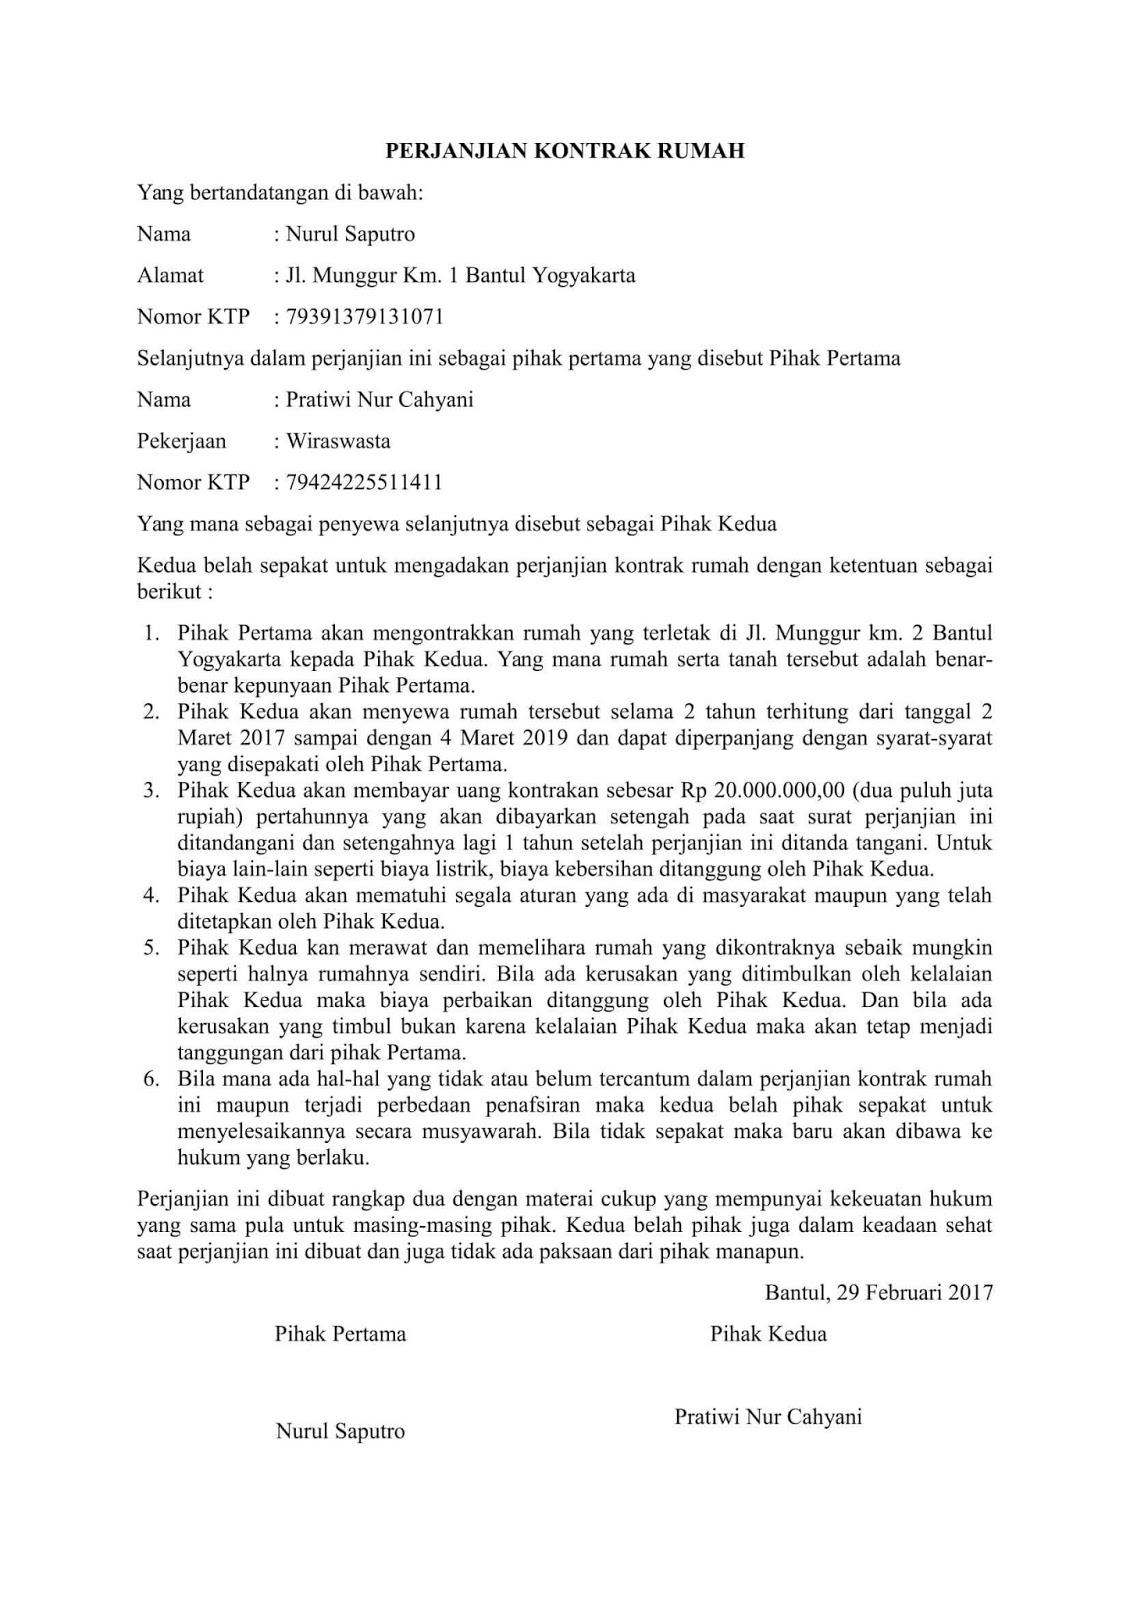 Contoh Surat Perjanjian Kontrak Rumah Sederhana